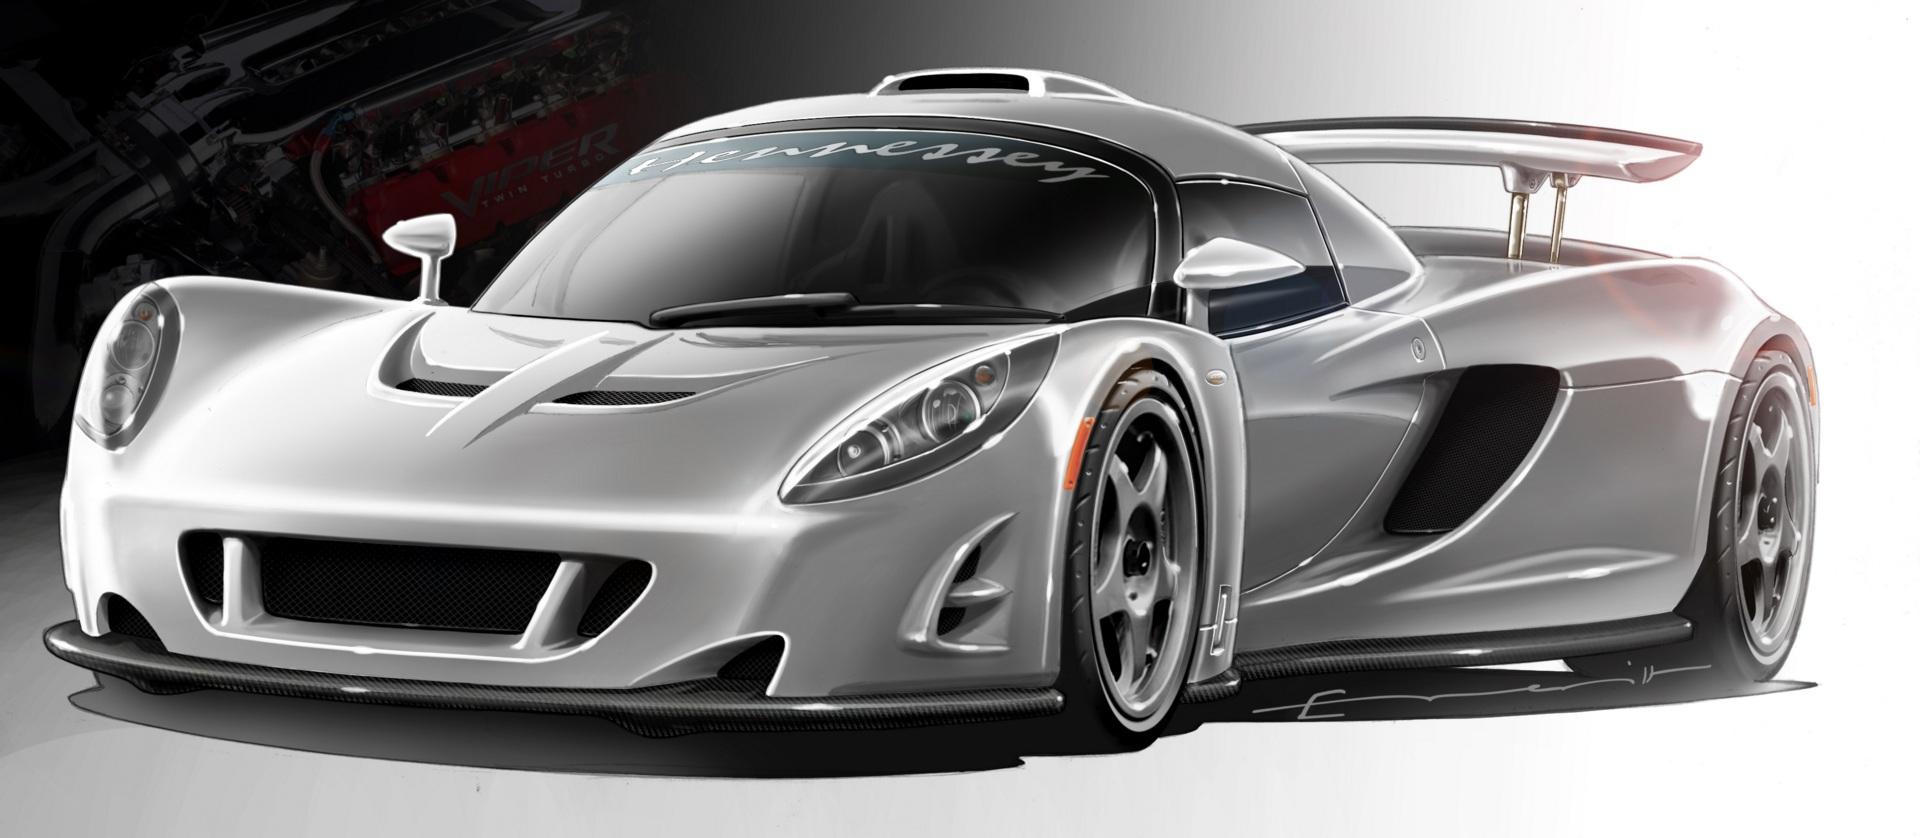 2009 Hennessey Venom GT Concept  conceptcarzcom